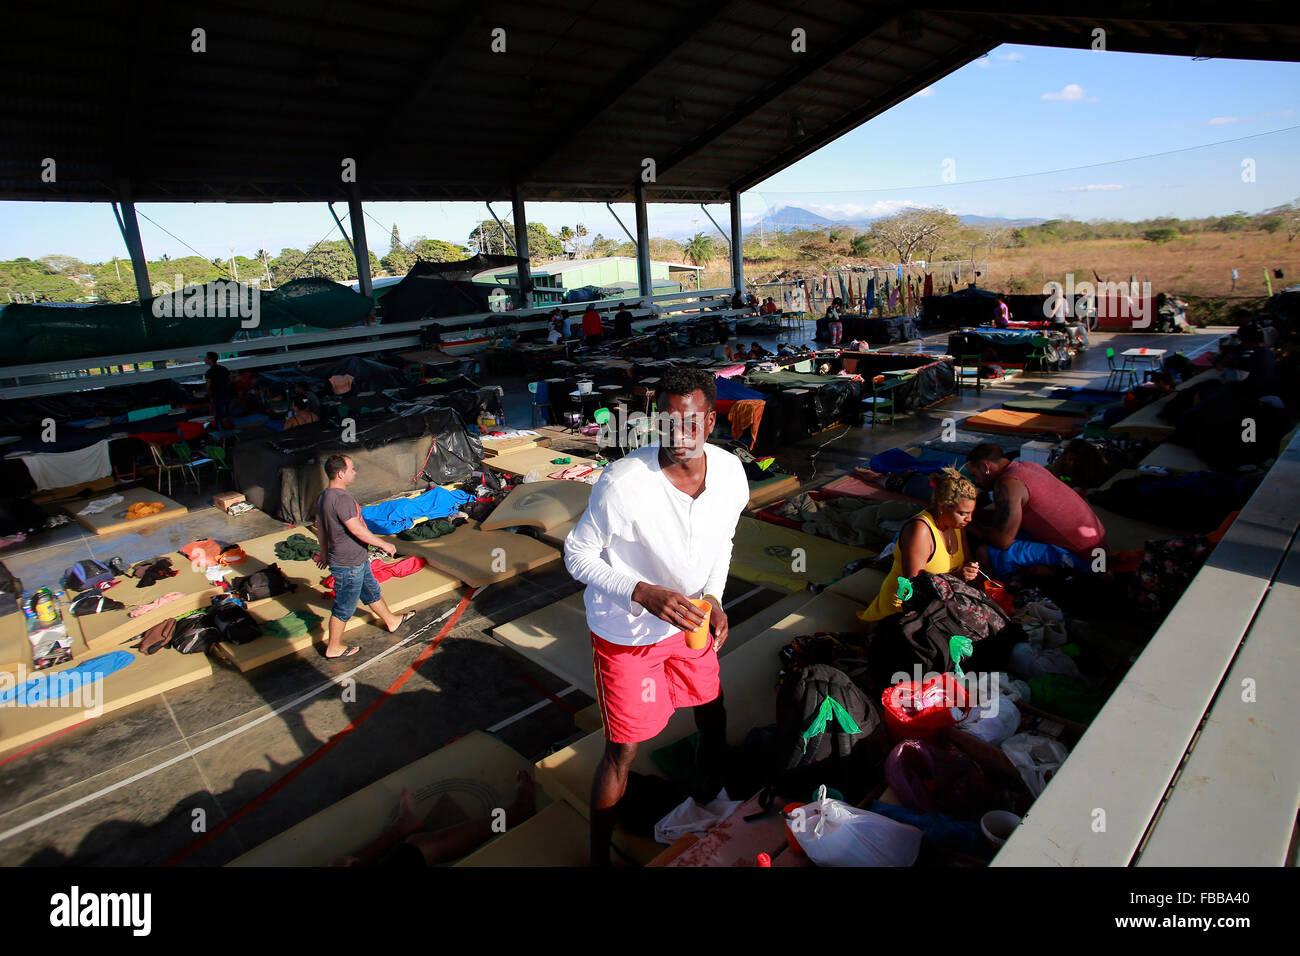 (160114) -- LA CRUZ, Jan. 14, 2016 (Xinhua) -- Cuban migrants arrange their belongings at a shelter in La Cruz, Stock Photo